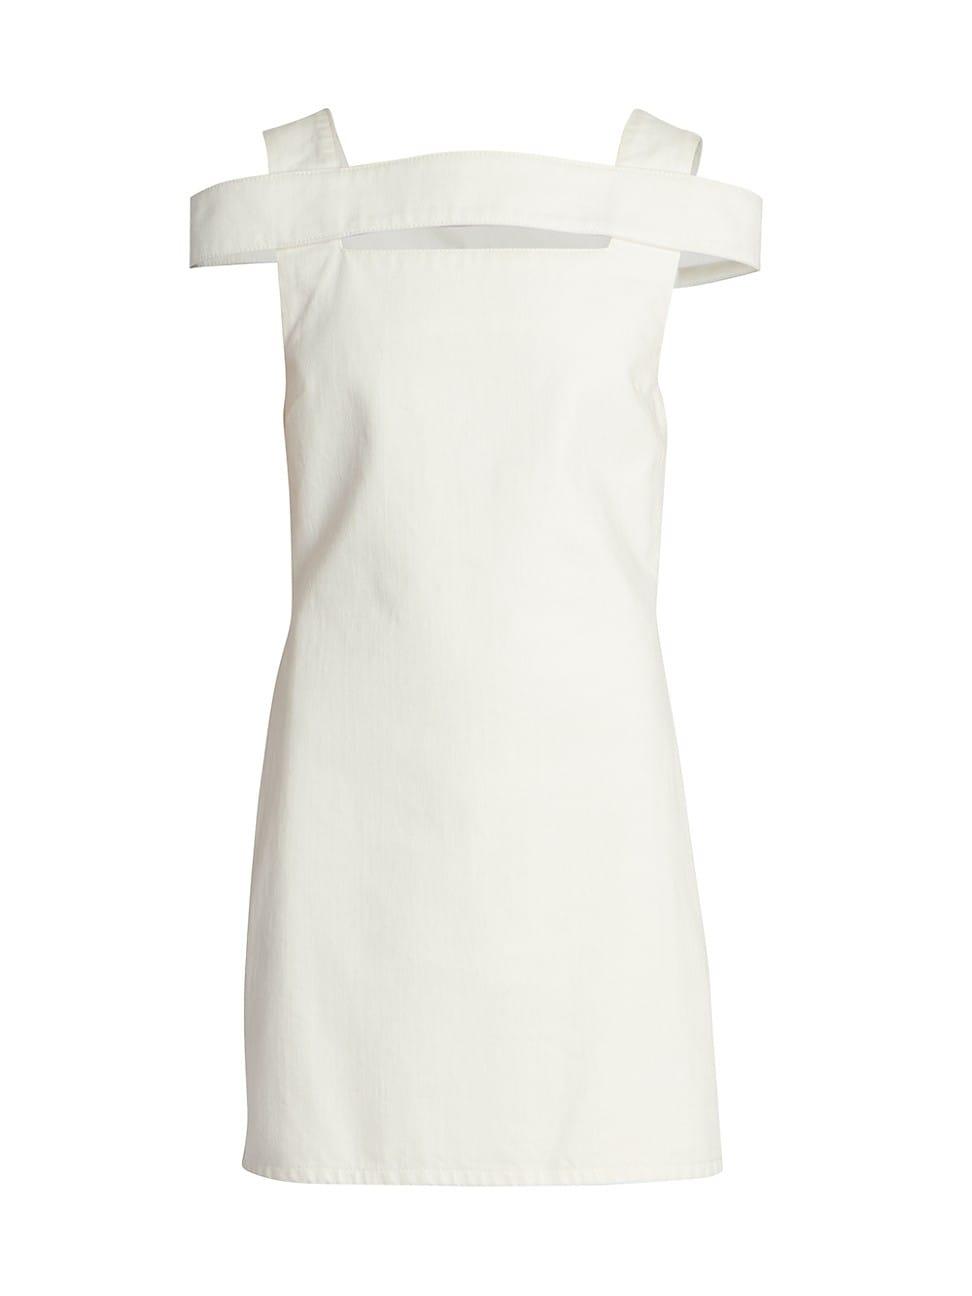 Givenchy Cottons WOMEN'S OPEN BACK SQUARENECK DENIM MINI DRESS